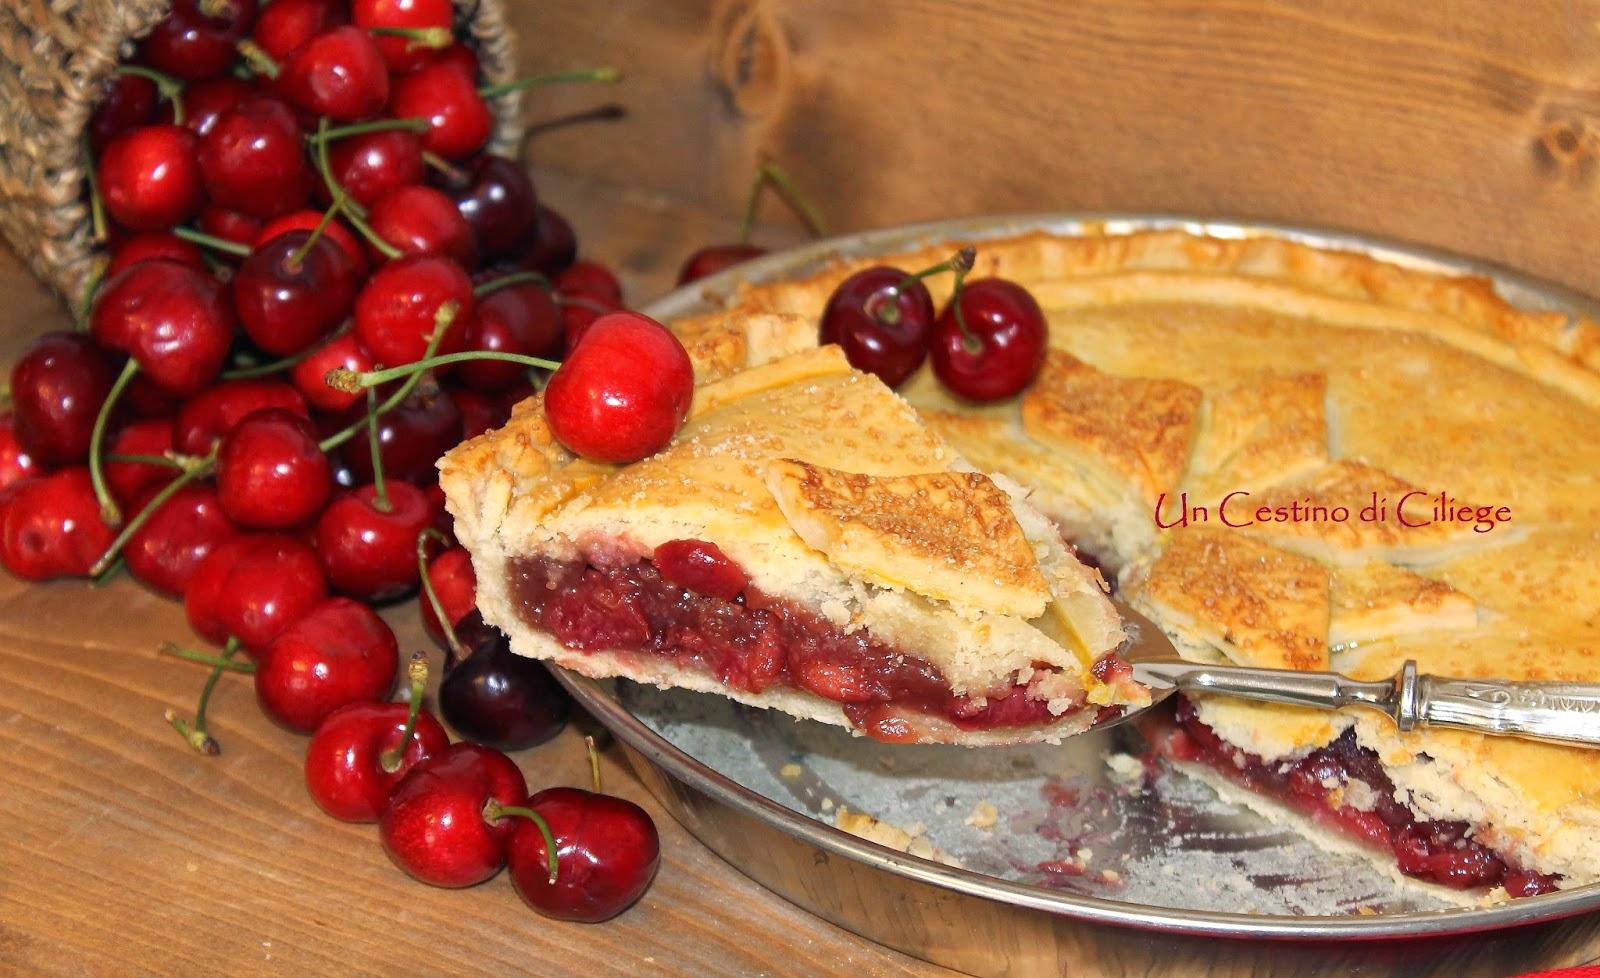 torta con ciliegie al balsamico e pepe nero per re-cake 9